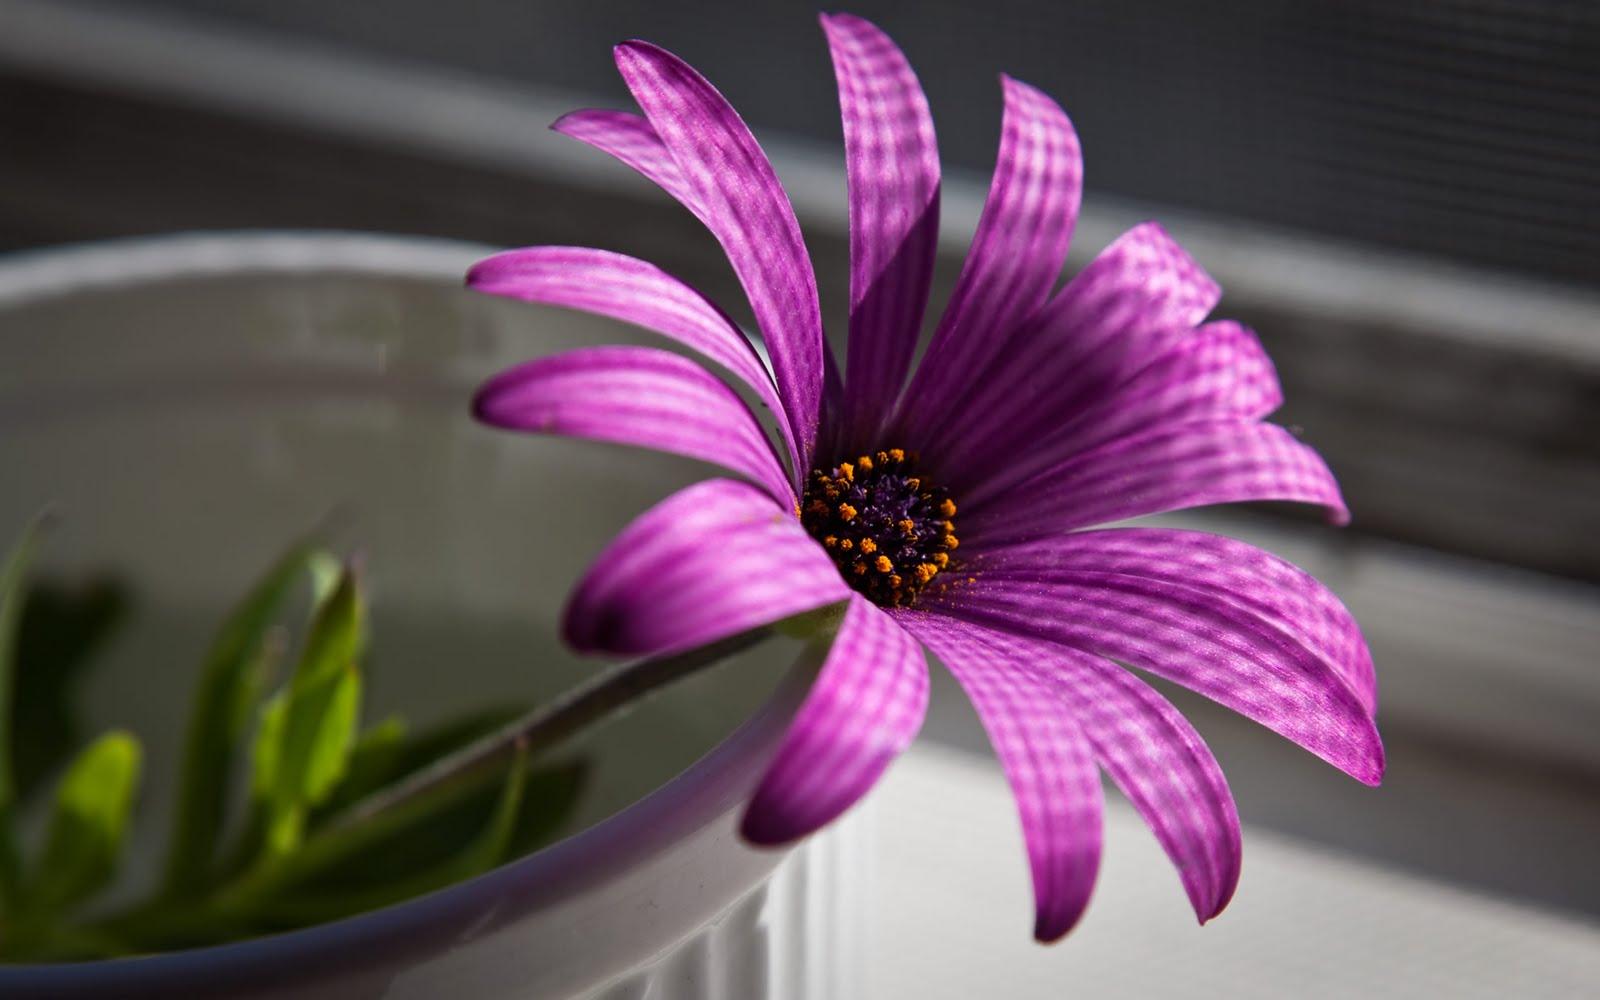 Name : Flower Wallpaper Pack 5